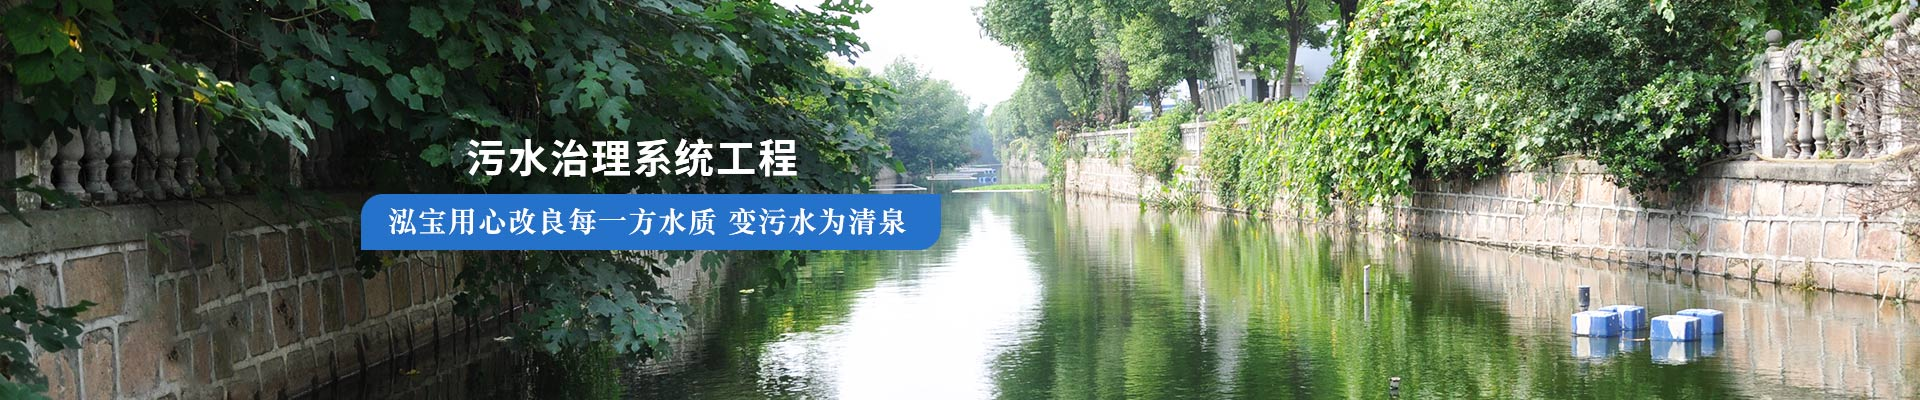 污水治理系统工程   泓宝用心改良每一方水质,变污水为清泉